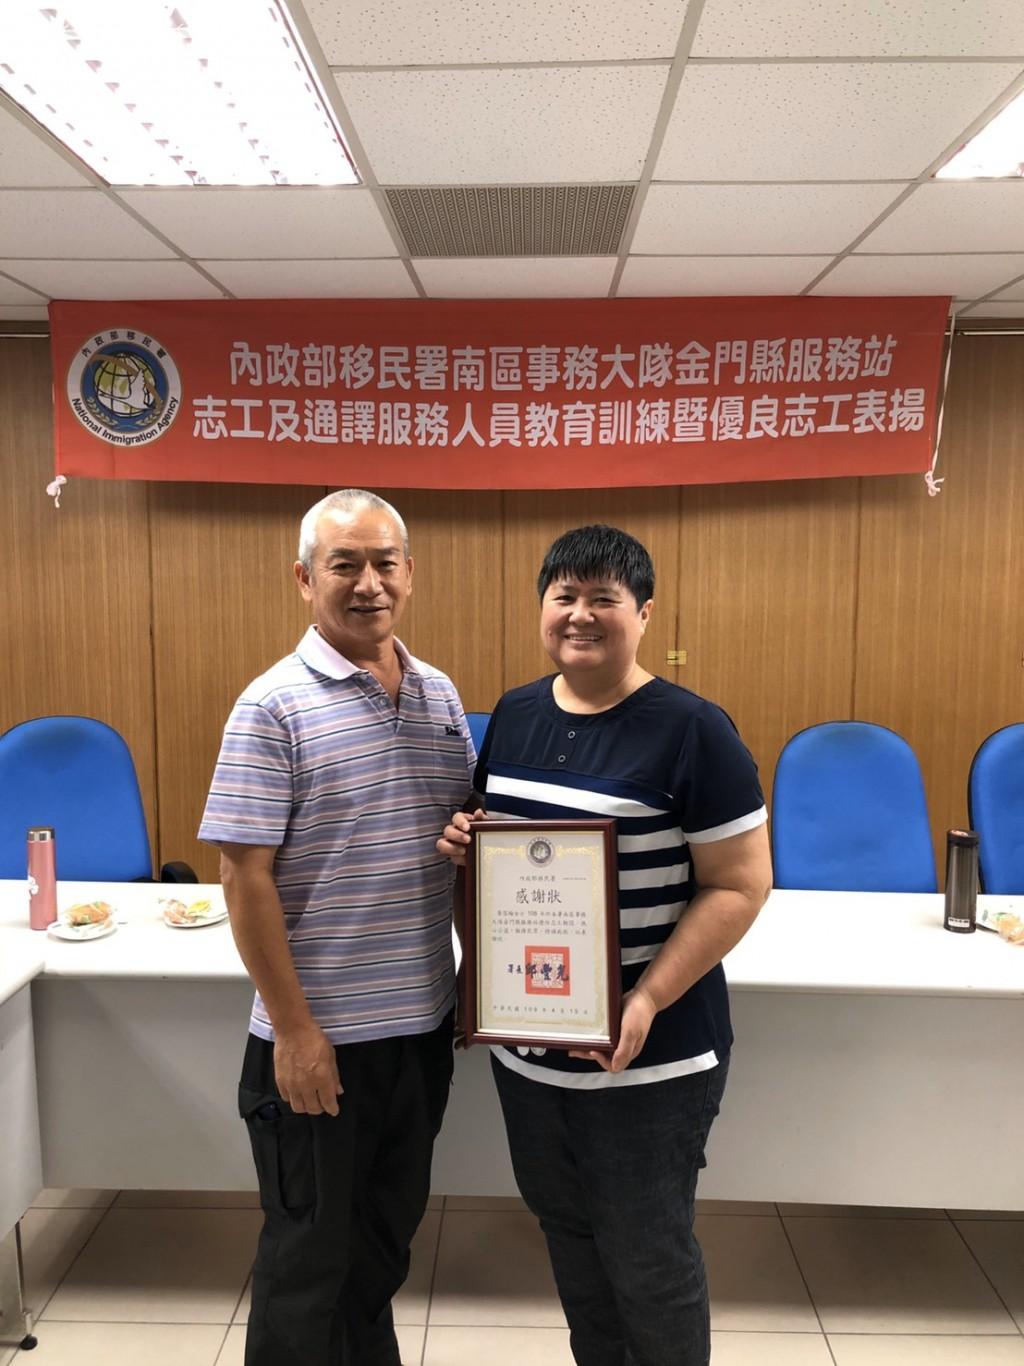 說明:績優志工黃雪梅(右)與丈夫許績松(移民署金門縣服務站提供)